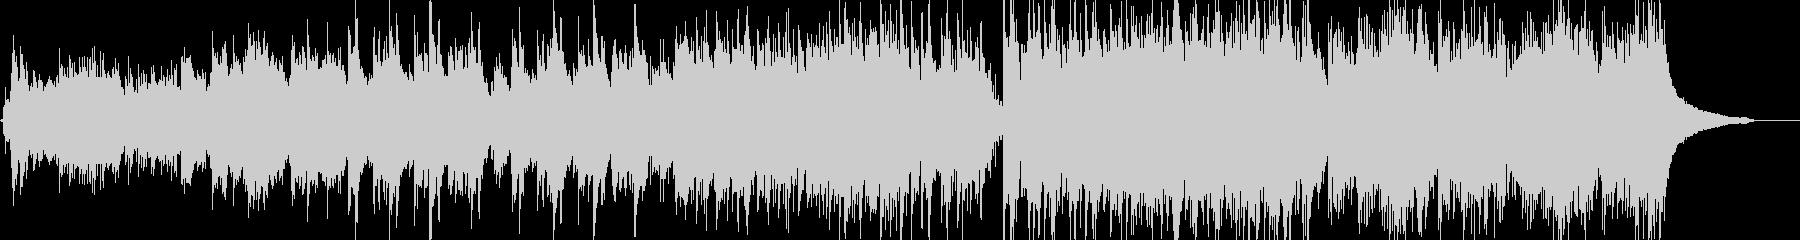 【ドラム無し】アコギとピアノのポップスの未再生の波形